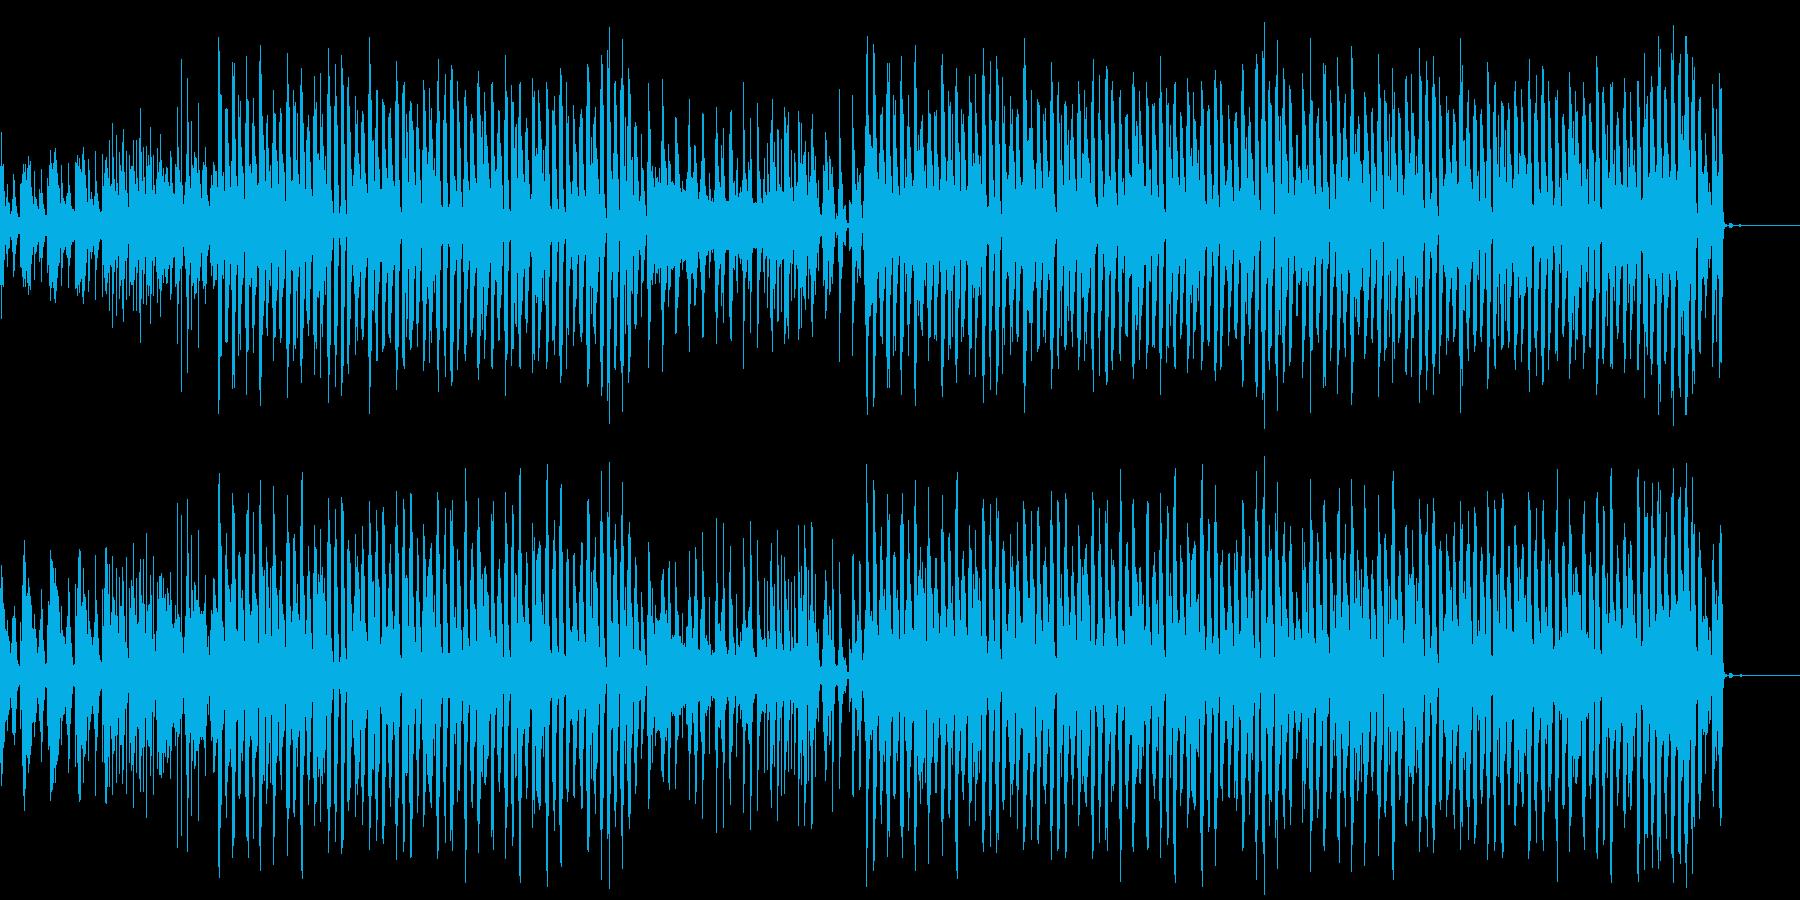 【1分版】レトロコミカルなダンストラックの再生済みの波形